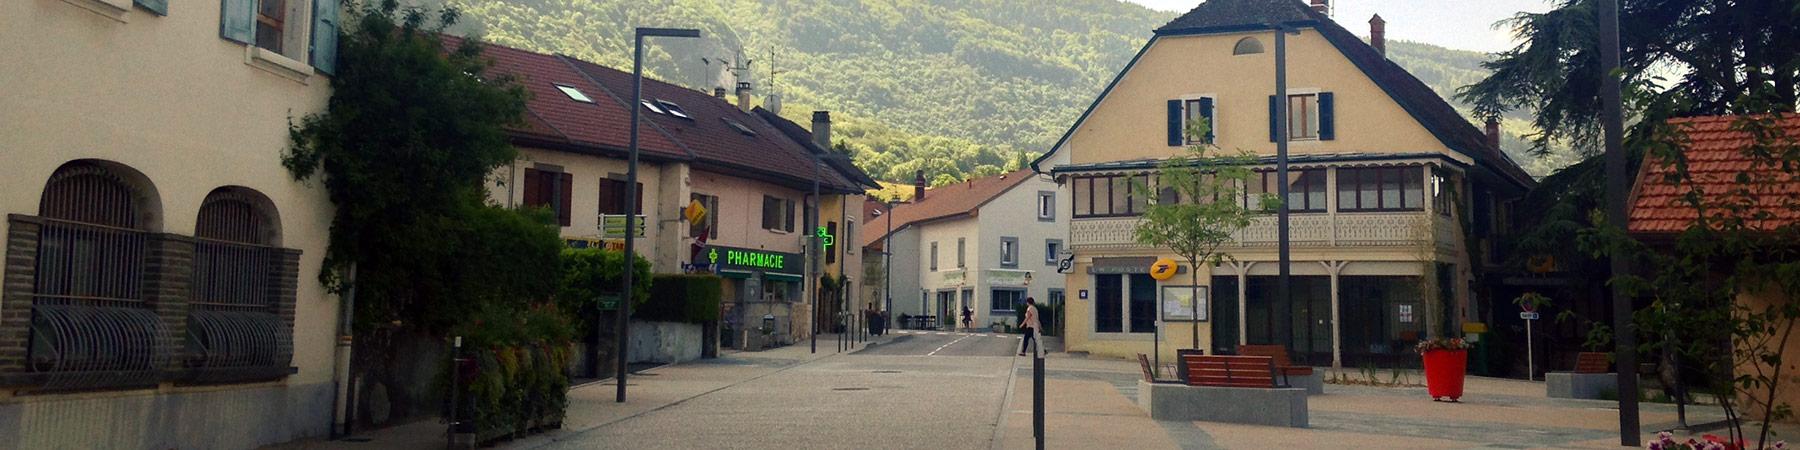 Photo de la Grand Rue